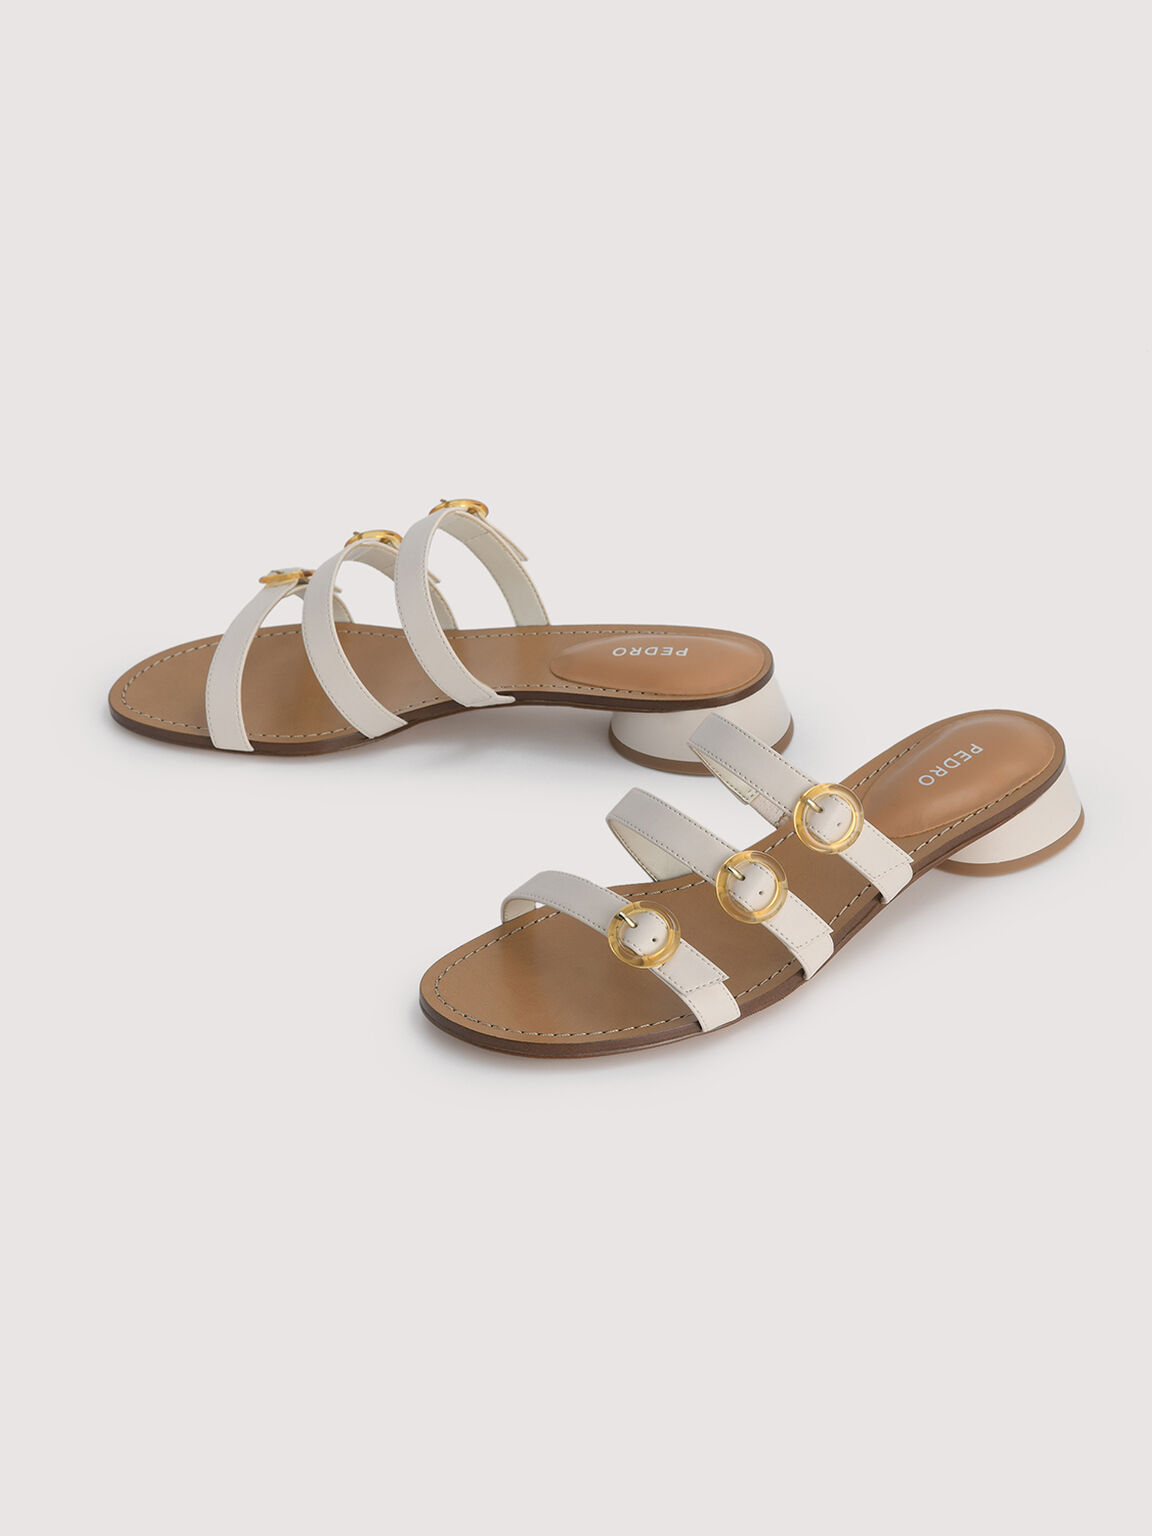 Buckled Strapped Sandals, Chalk, hi-res